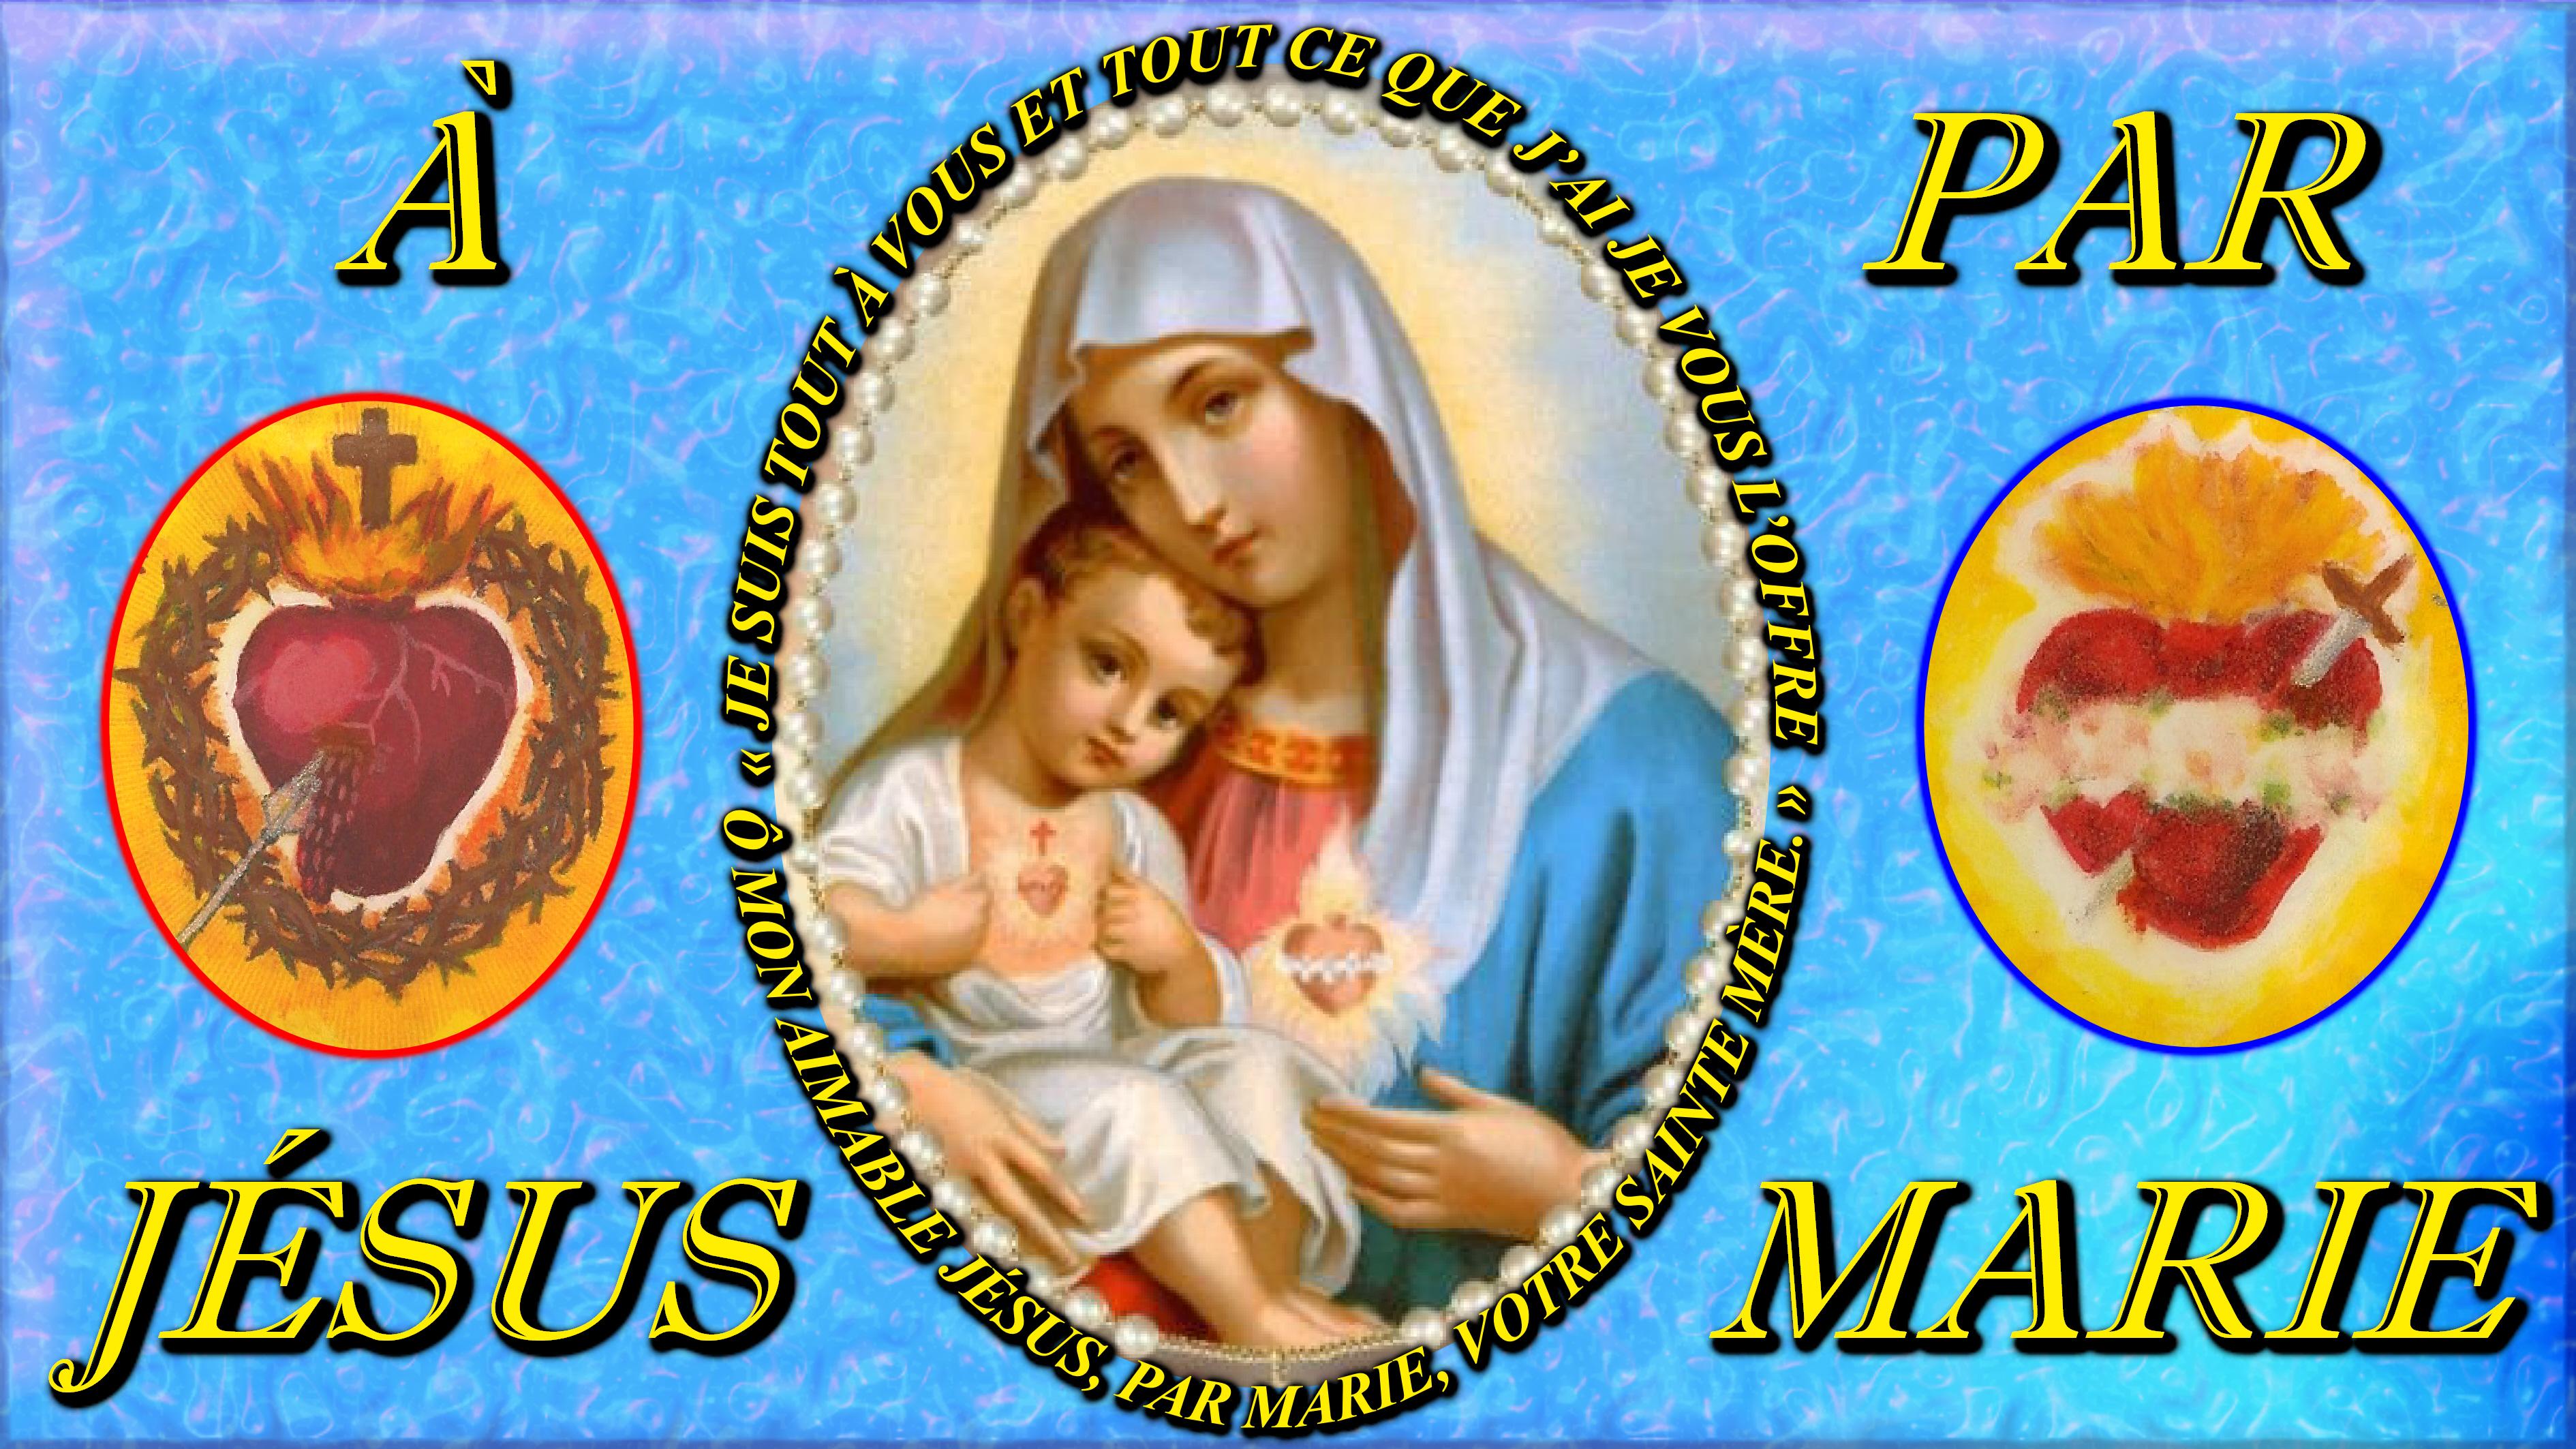 CALENDRIER CATHOLIQUE 2020 (Cantiques, Prières & Images) - Page 9 Tij-sus-par-marie-2--5578049